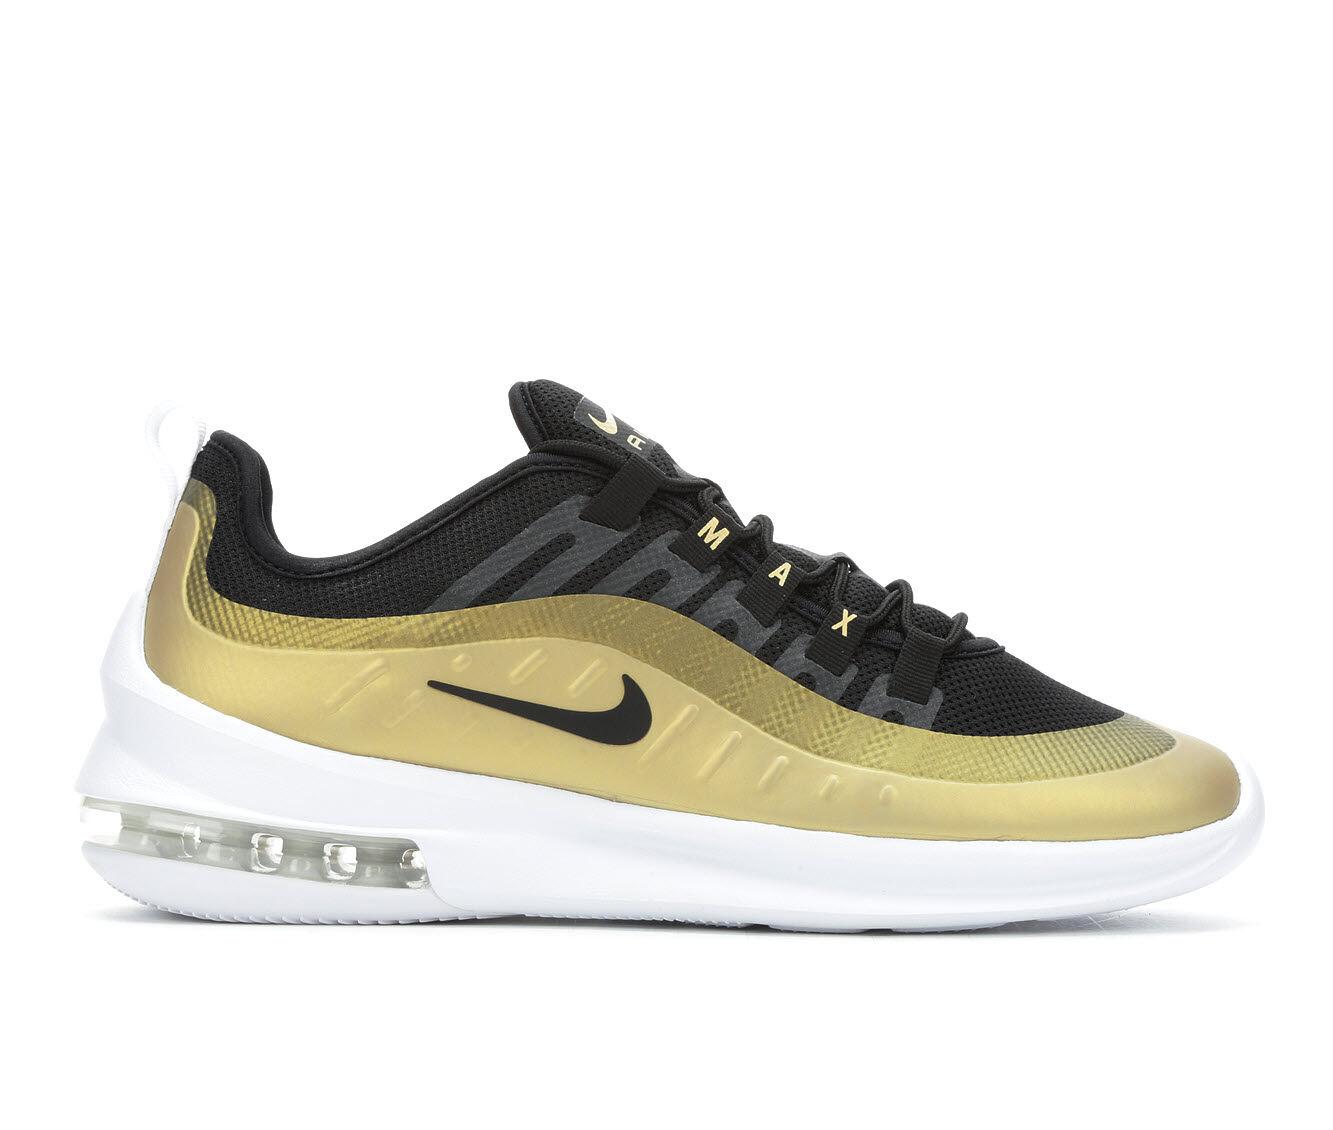 : The Sneakershop: Nike Air Max